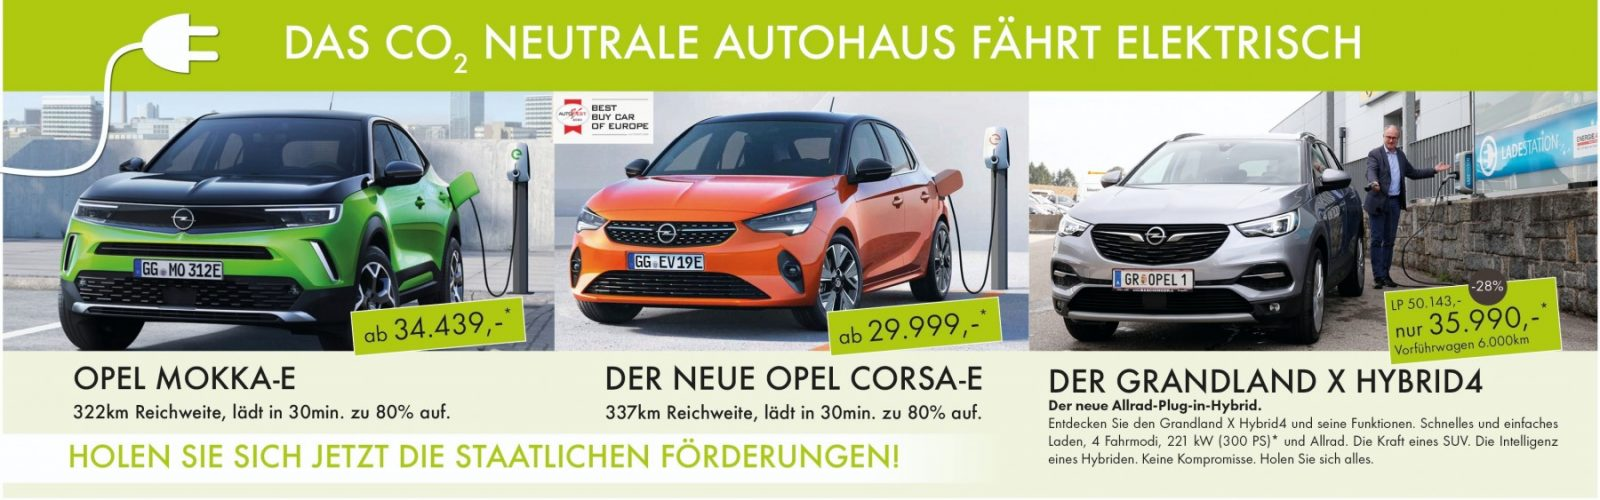 Das CO2 NEUTRALE AUTOHAUS FÄHRT ELEKTRISCH bei Ing. Günther Baschinger GmbH in